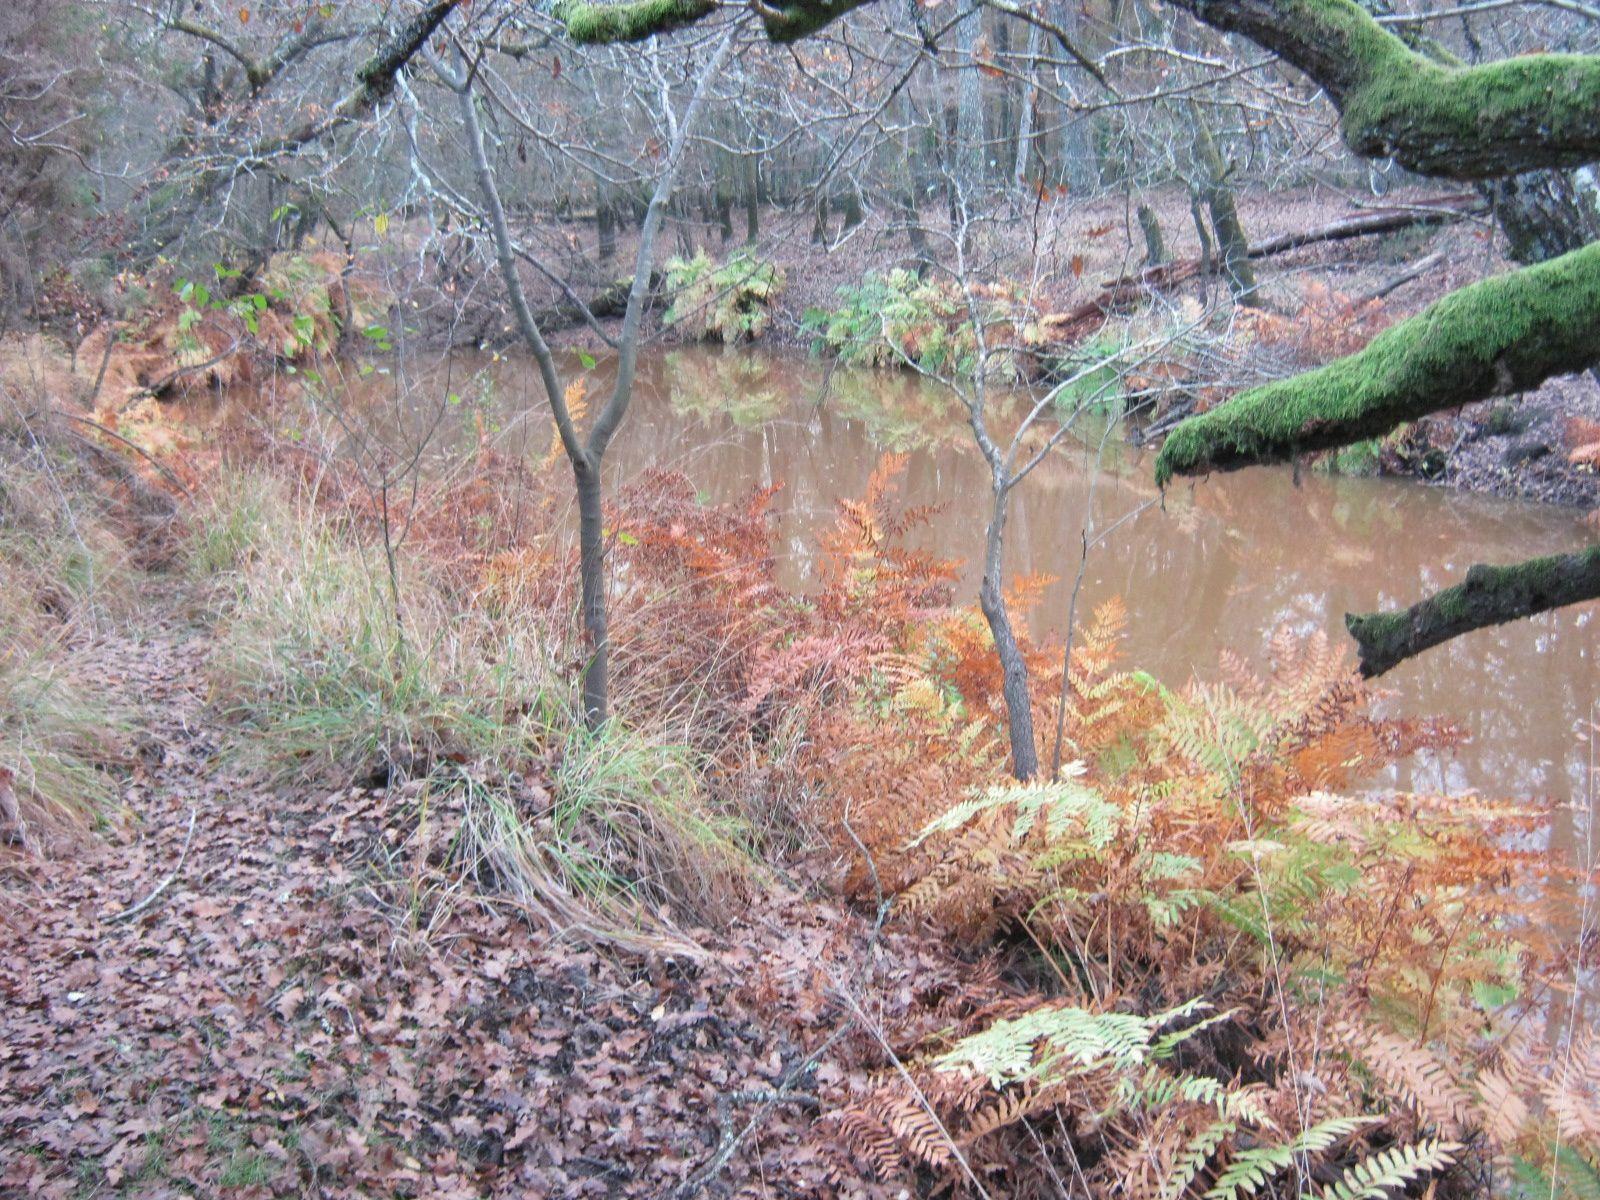 la belle osmonde royale a pris ses belles couleurs de l'automne